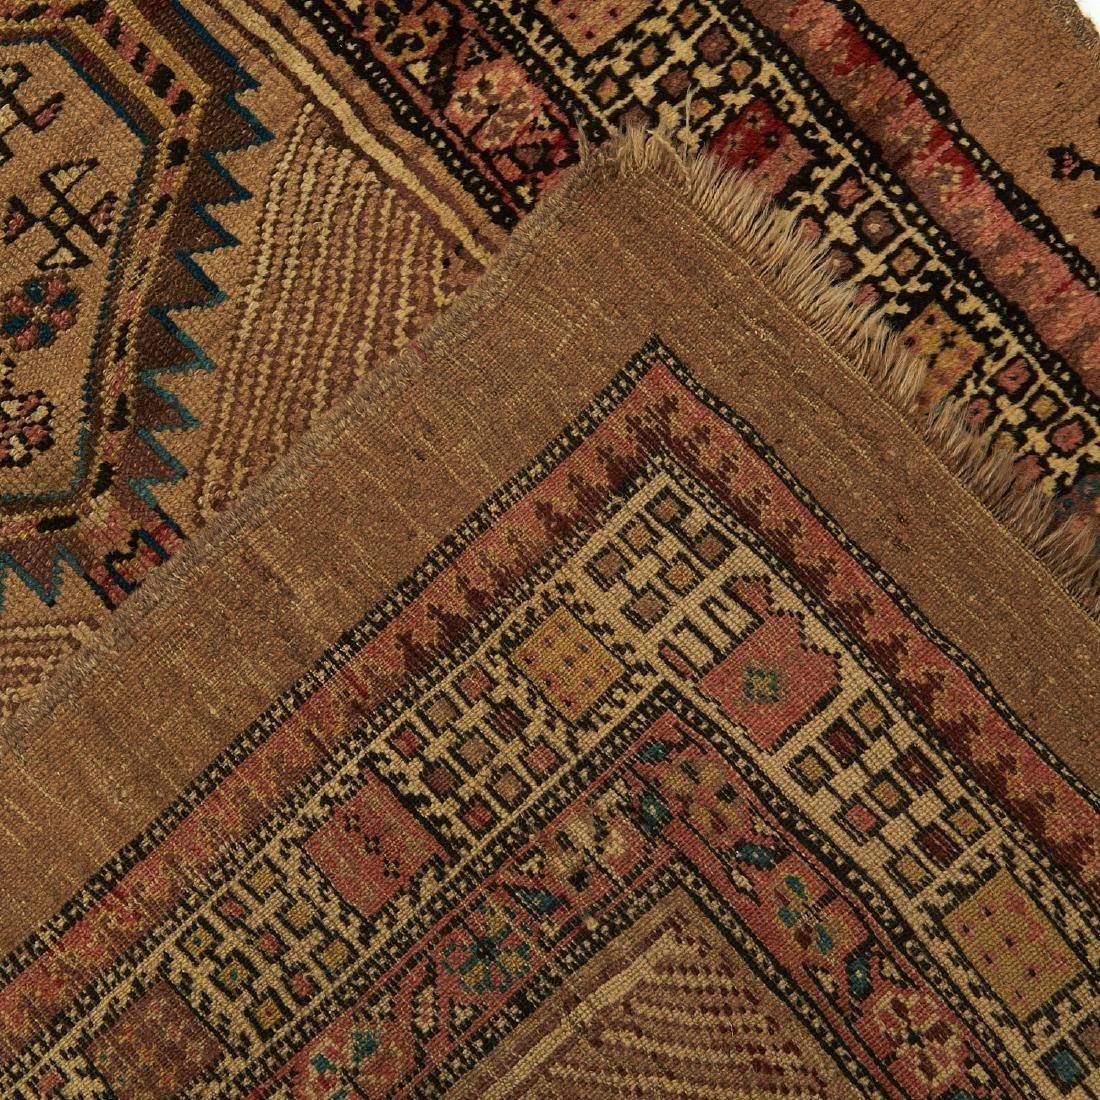 Karabagh camel hair rug - 5